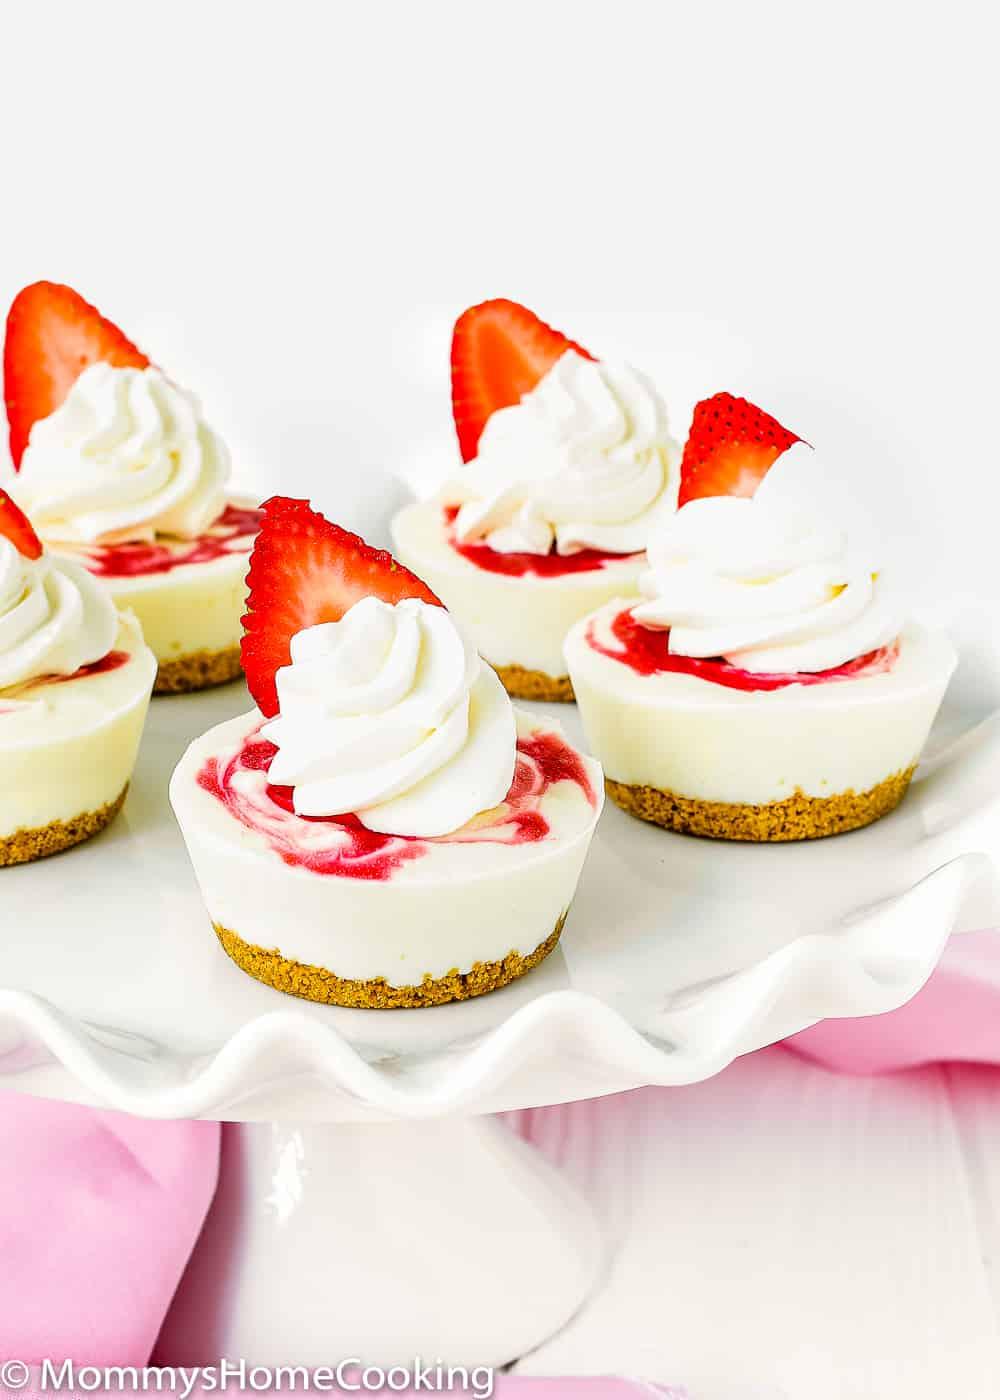 Mini Greek Yogurt Strawberry Cheesecakes in a serving plate